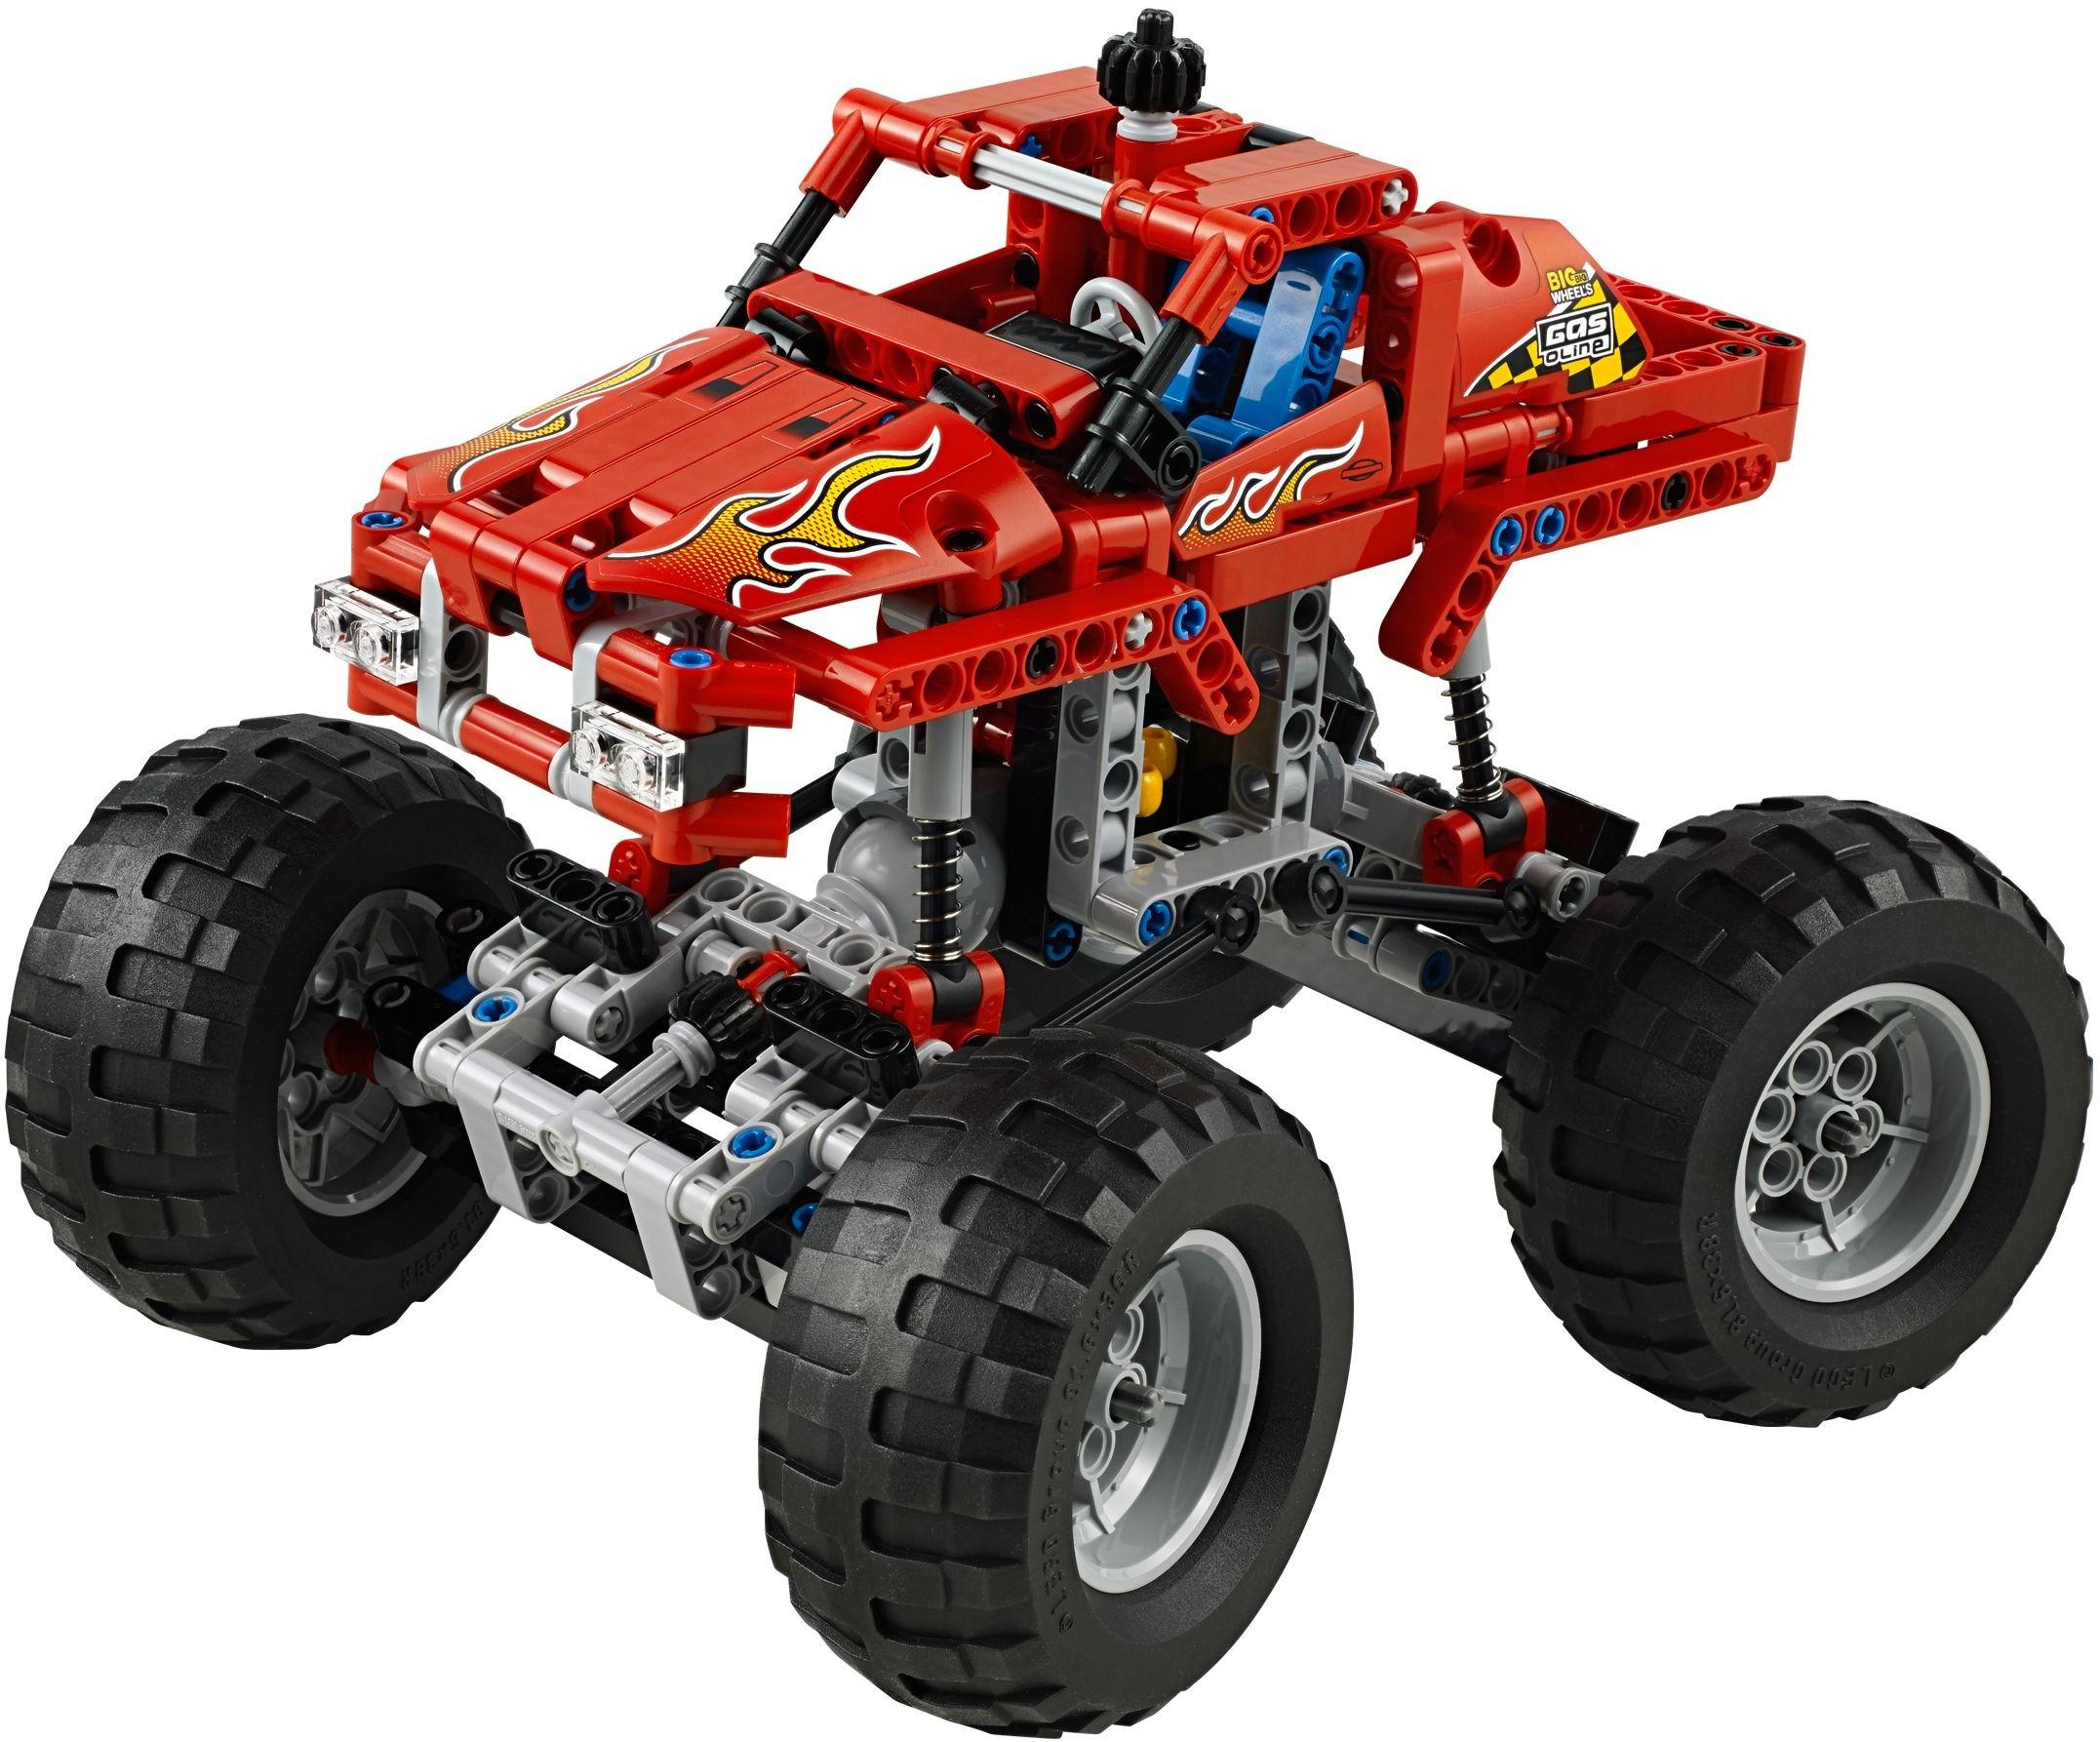 Technic | 2013 | Brickset: LEGO set guide and database